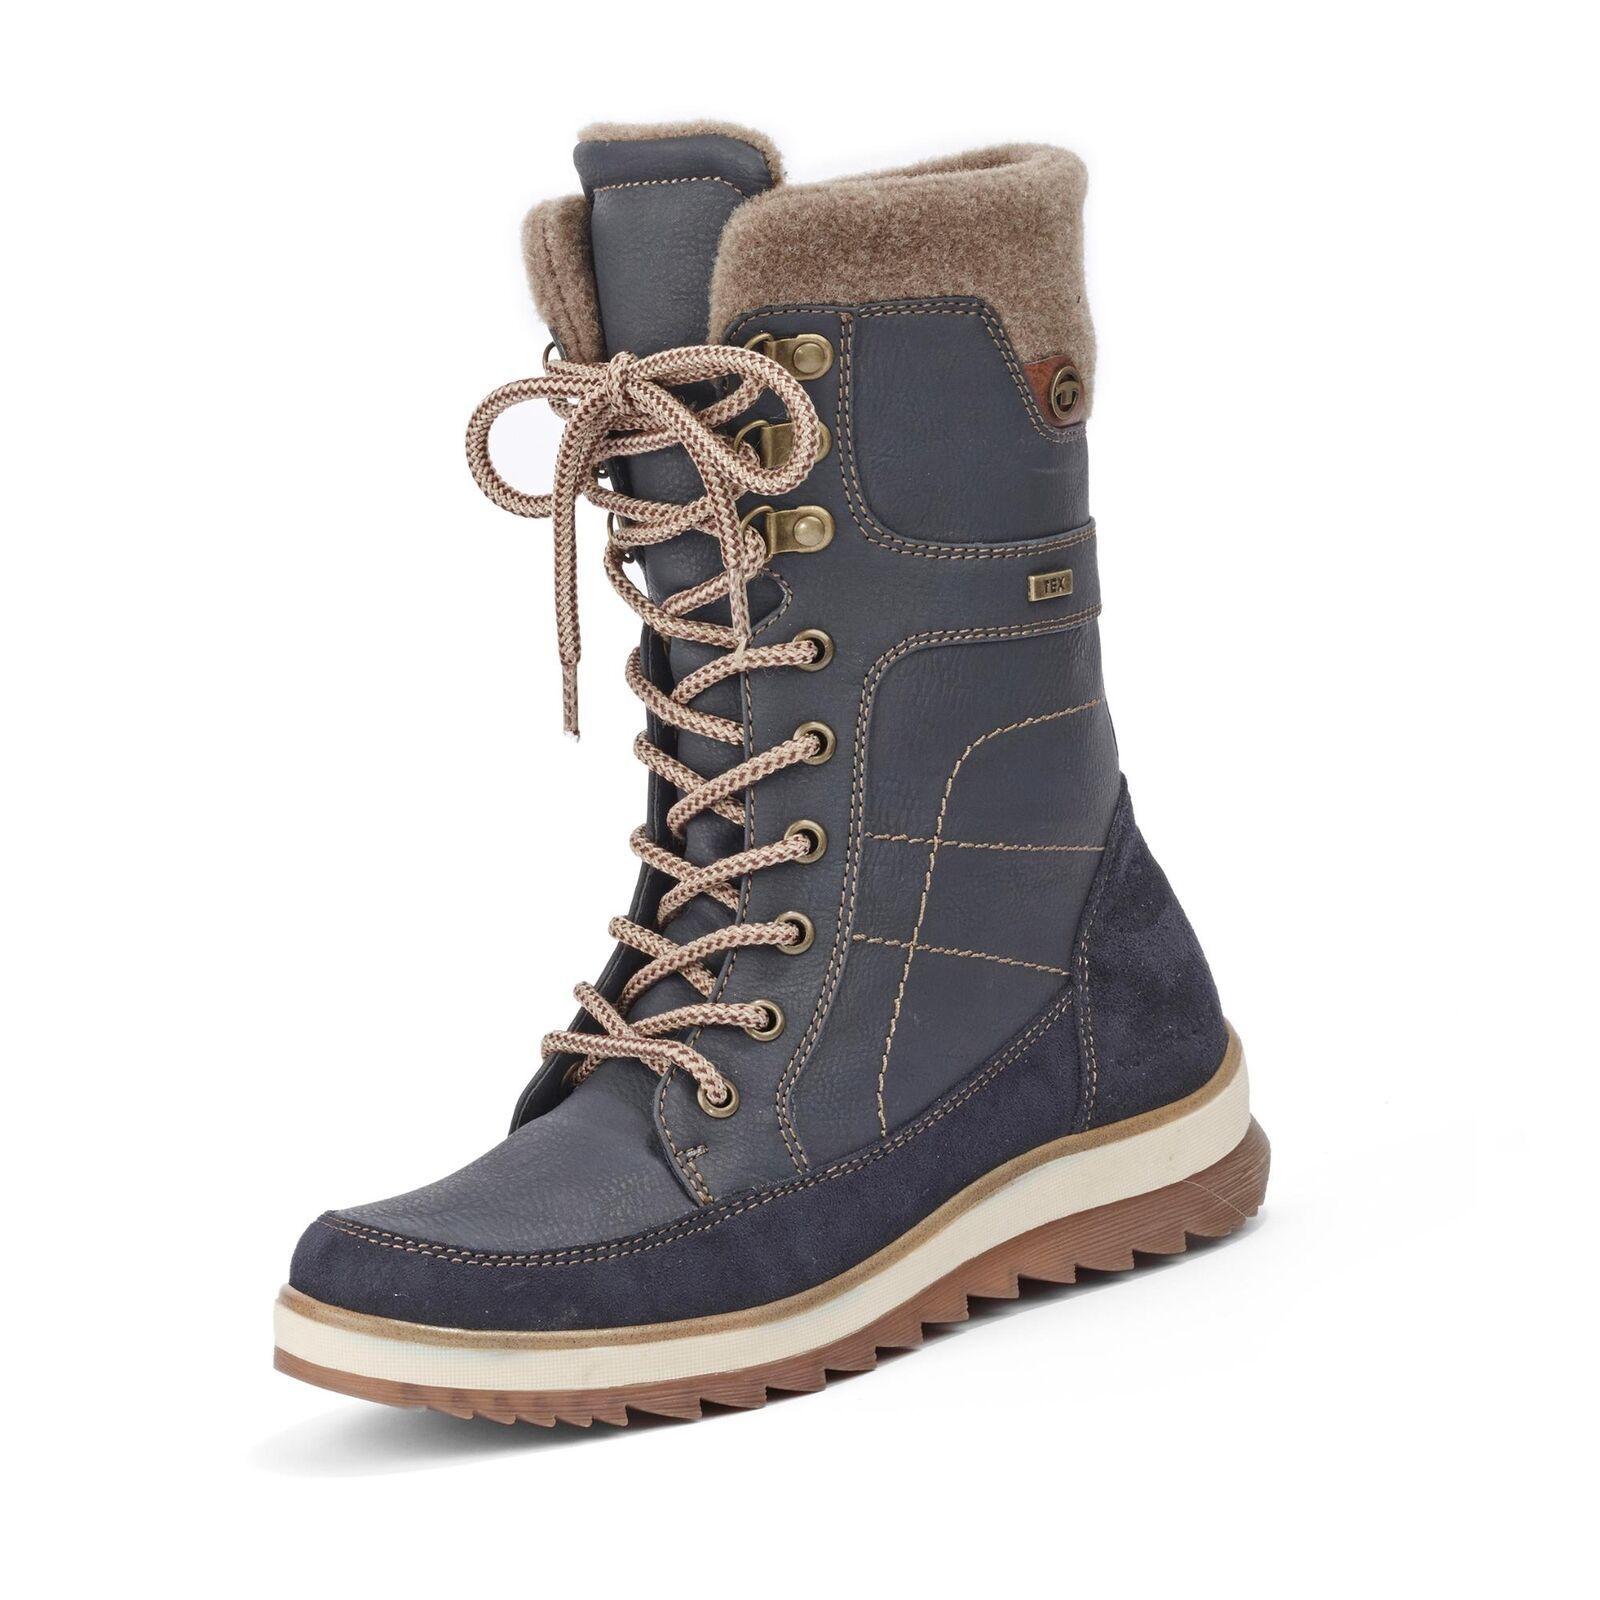 Details Zu Tom Tailor Damen Tex Boots Stiefeletten Winterschuhe Stiefel Winterboots Schuhe Boots Bean Boots Winter Boot